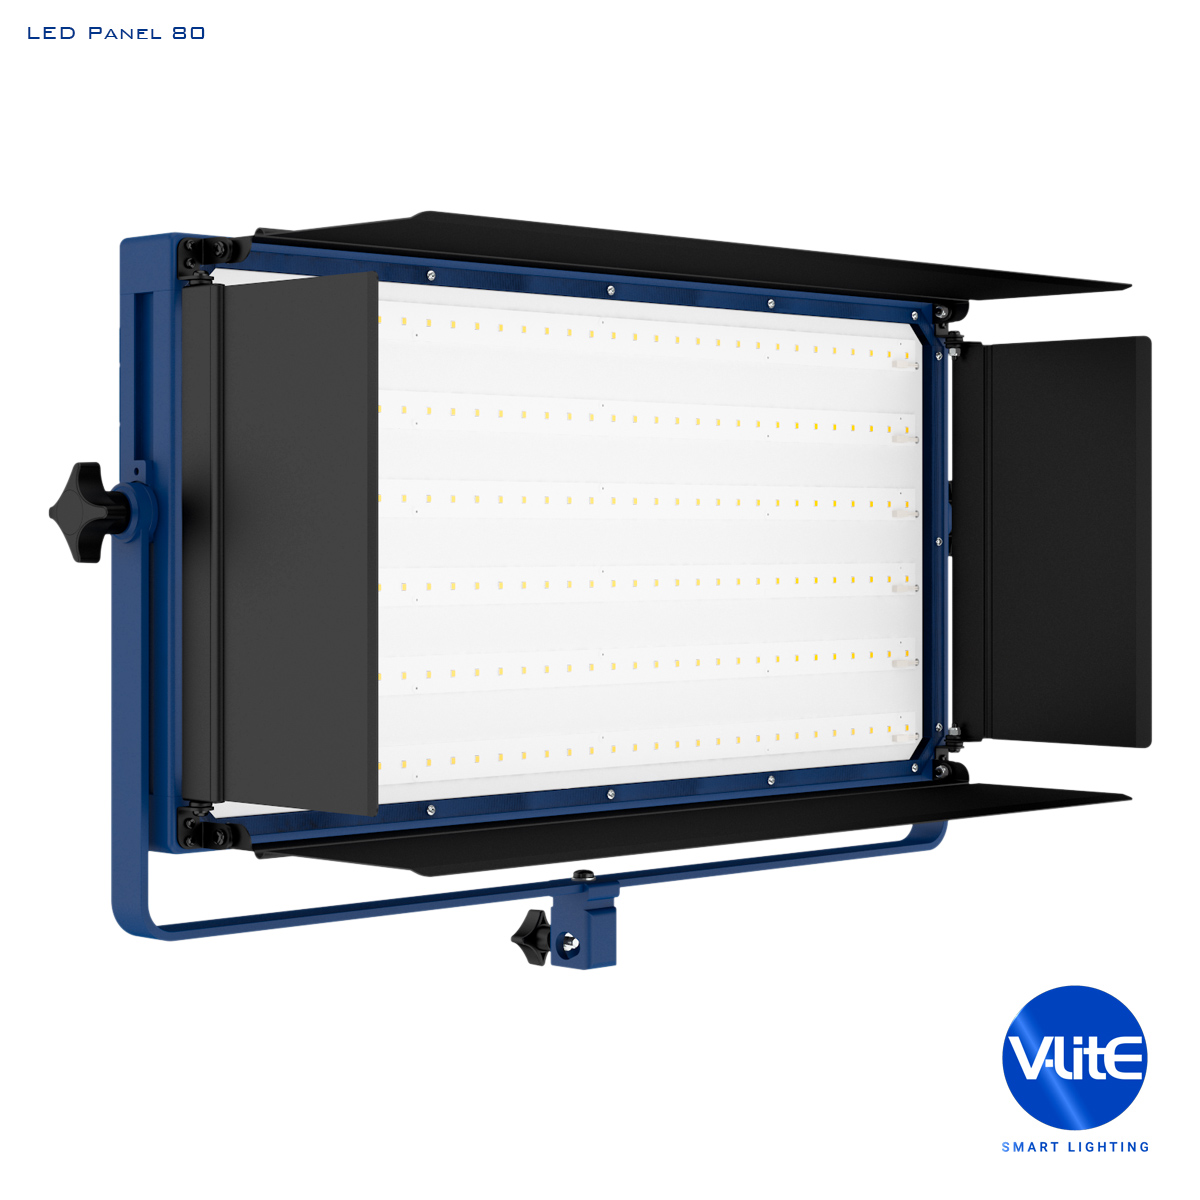 LED Panel 80 | V-Lite